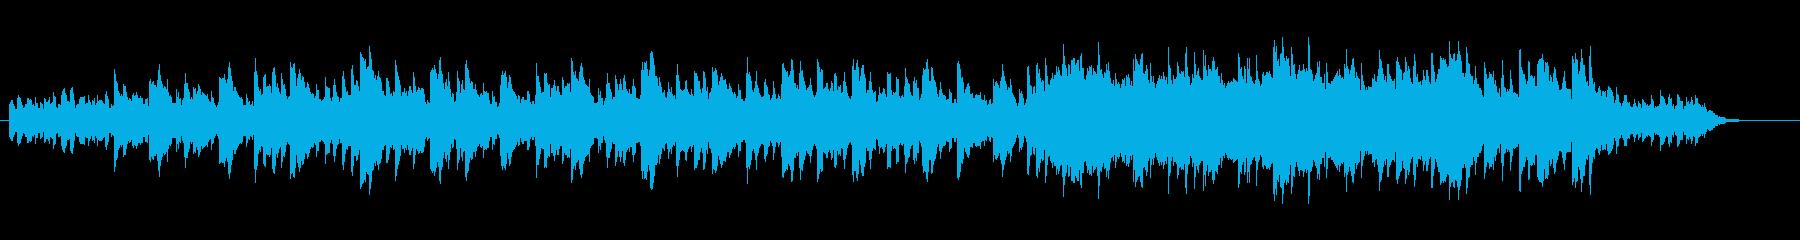 洋館の悲しい不穏なオルゴールの再生済みの波形